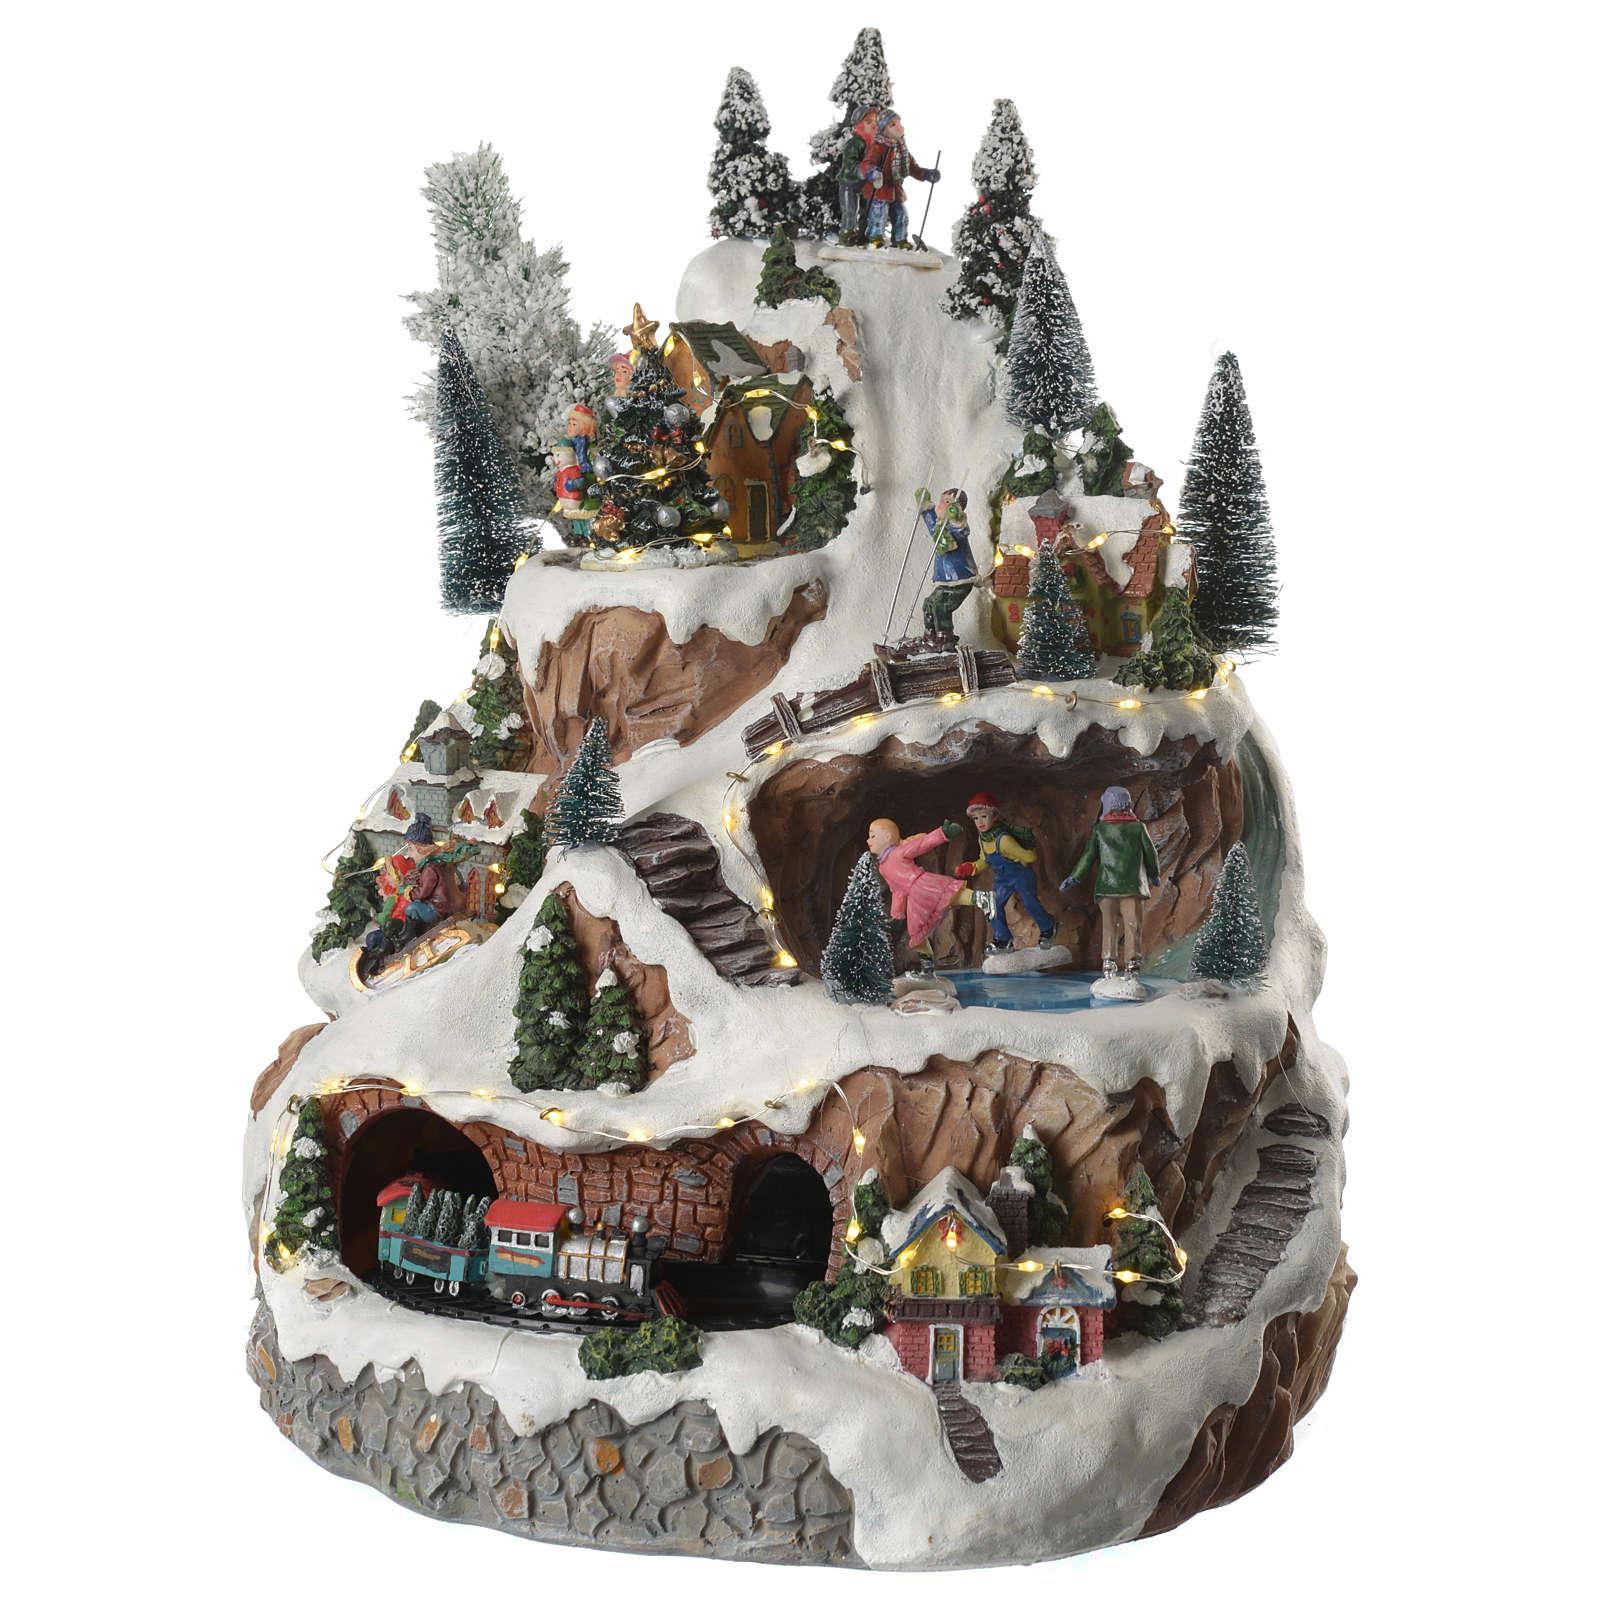 Wioska Bożonarodzeniowa Góra Muzyka Oświetlenie I Ruch 30x30x40